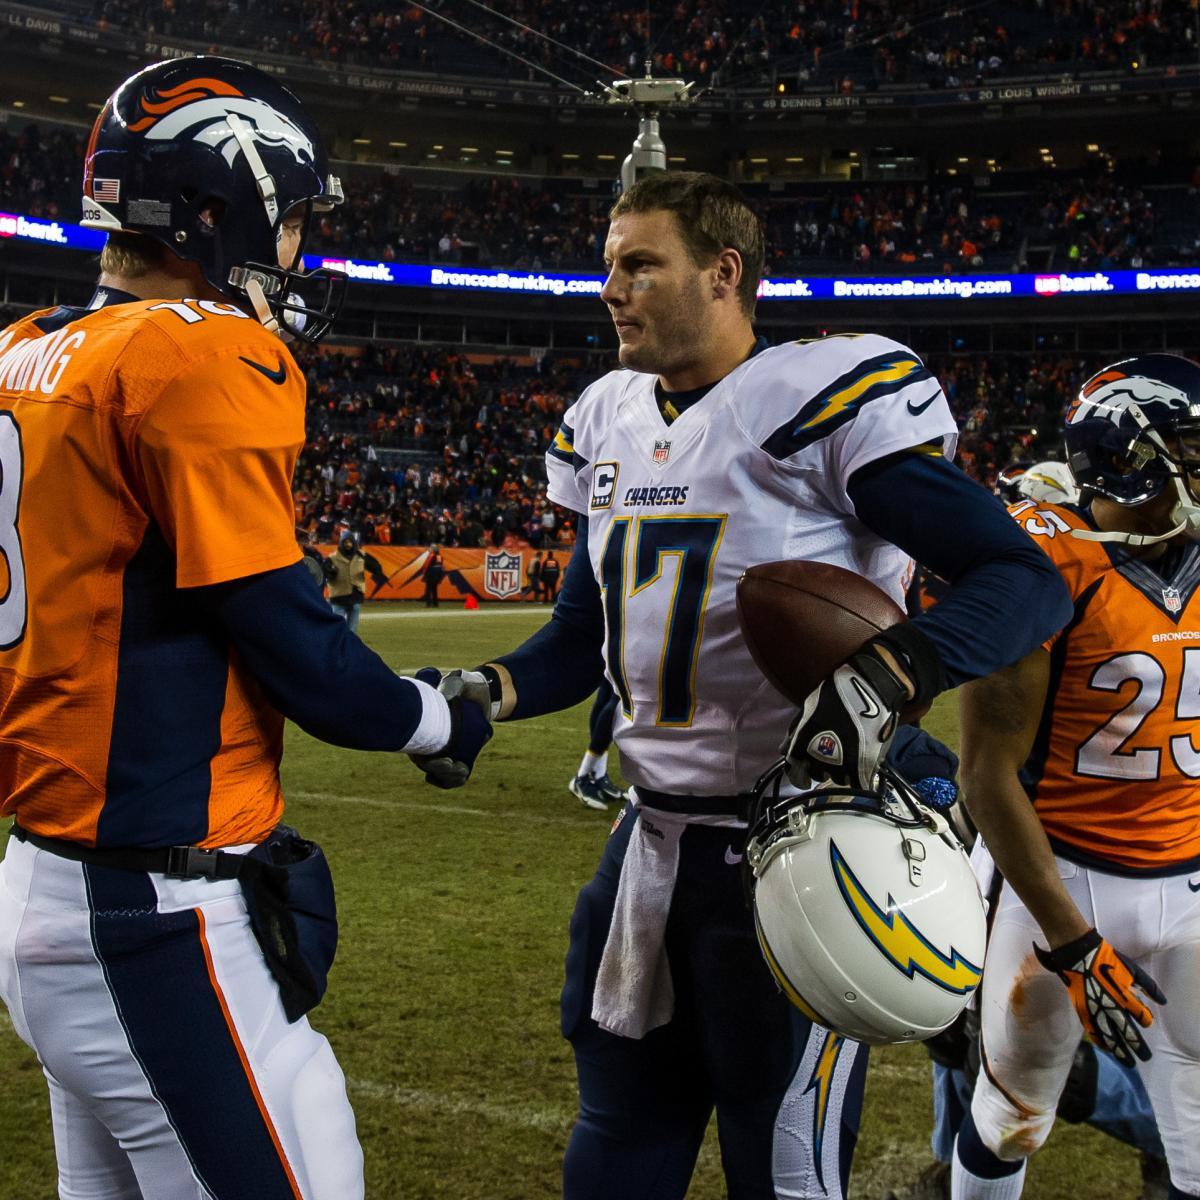 San Diego Chargers Vs. Denver Broncos: Live Score